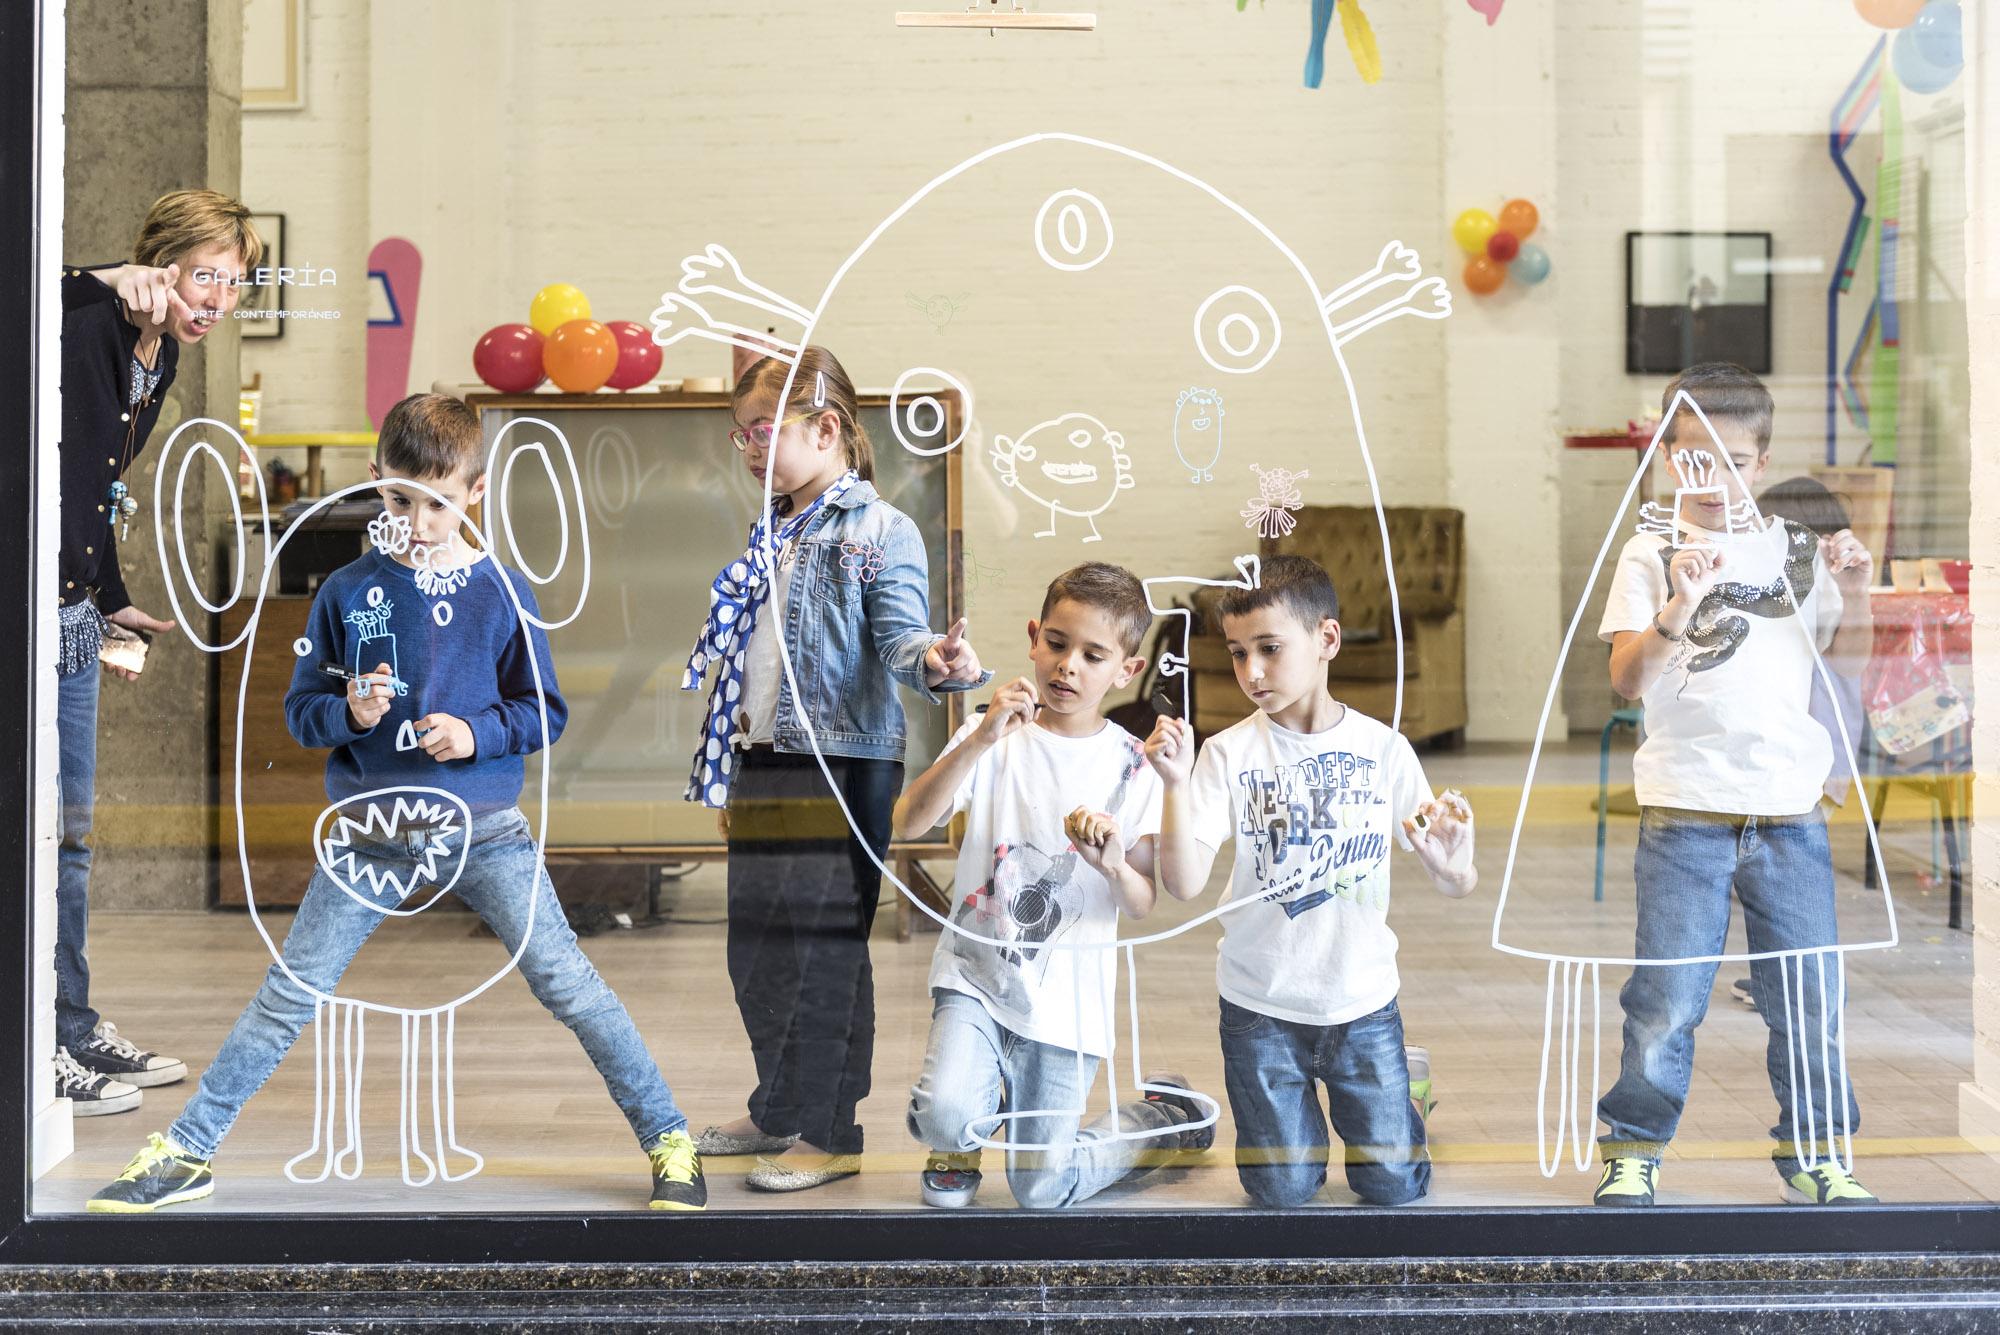 Dibujo y Pintura. Taller de artes plásticas Espacio Nuca. Salamanca. Niños, adolescentes y adultos. curso dibujo pintura salamanca taller para niños adolescentes y adultos